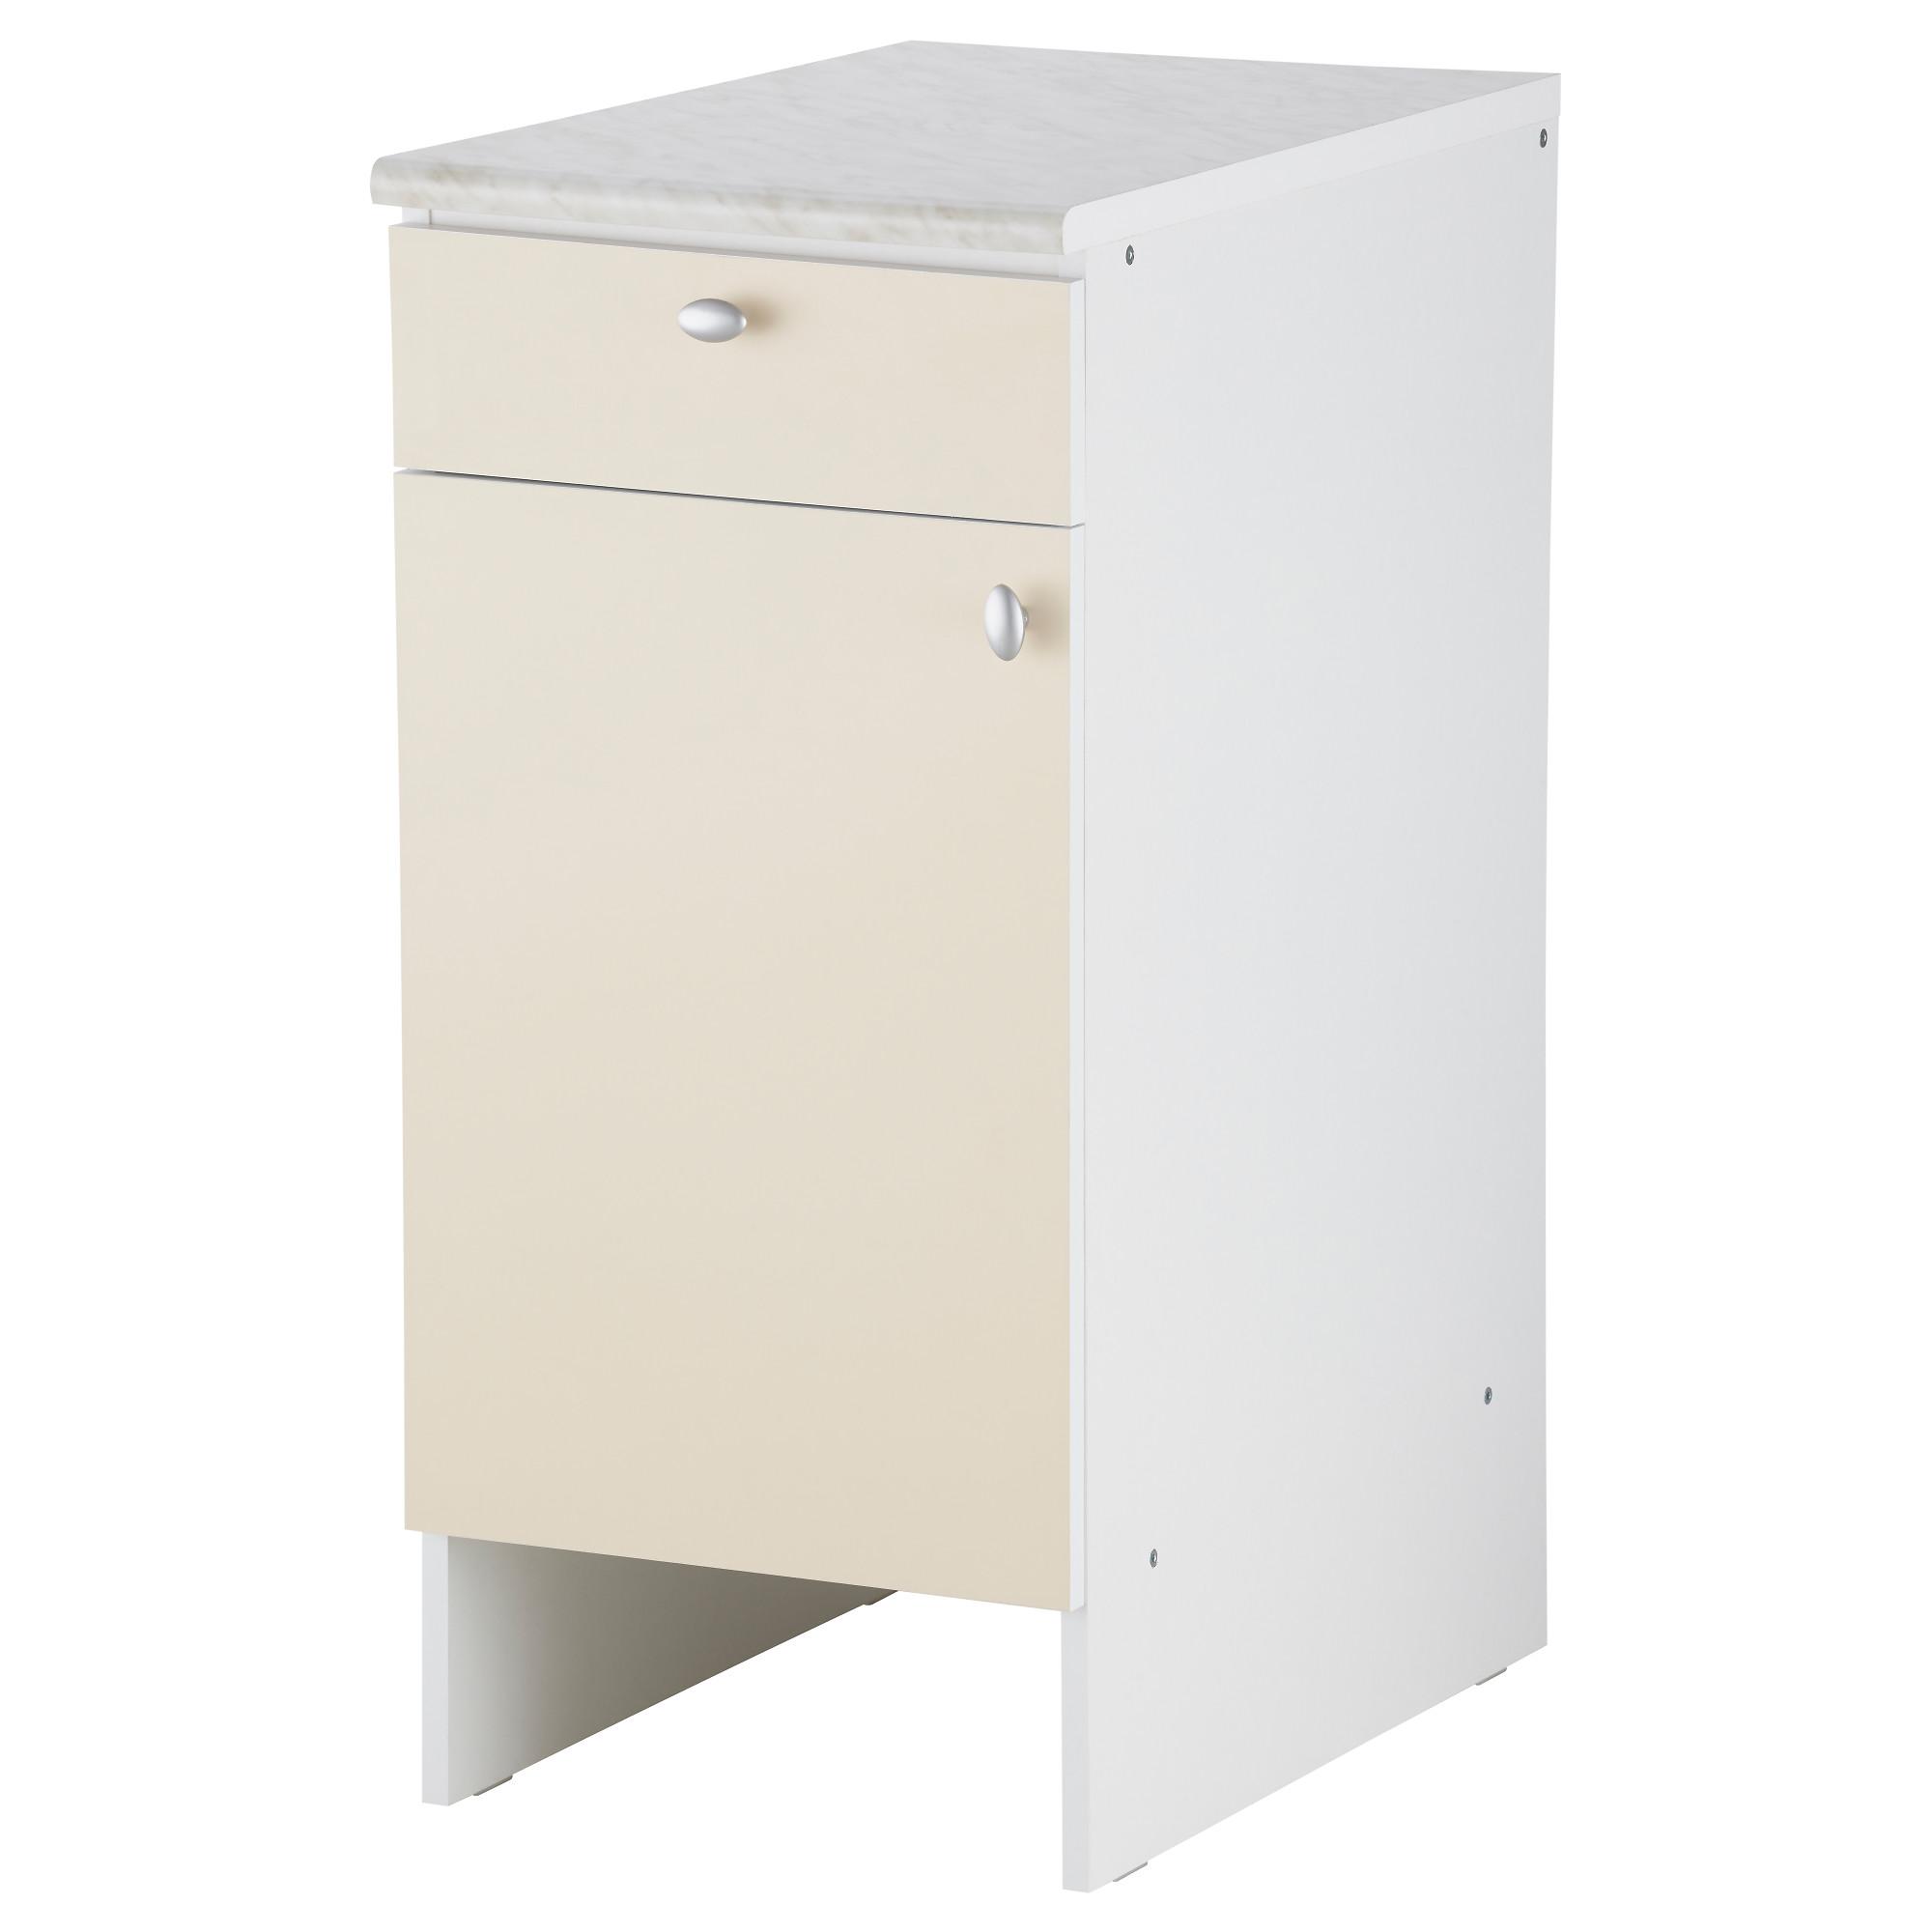 Напольный шкаф с дверью и ящиками